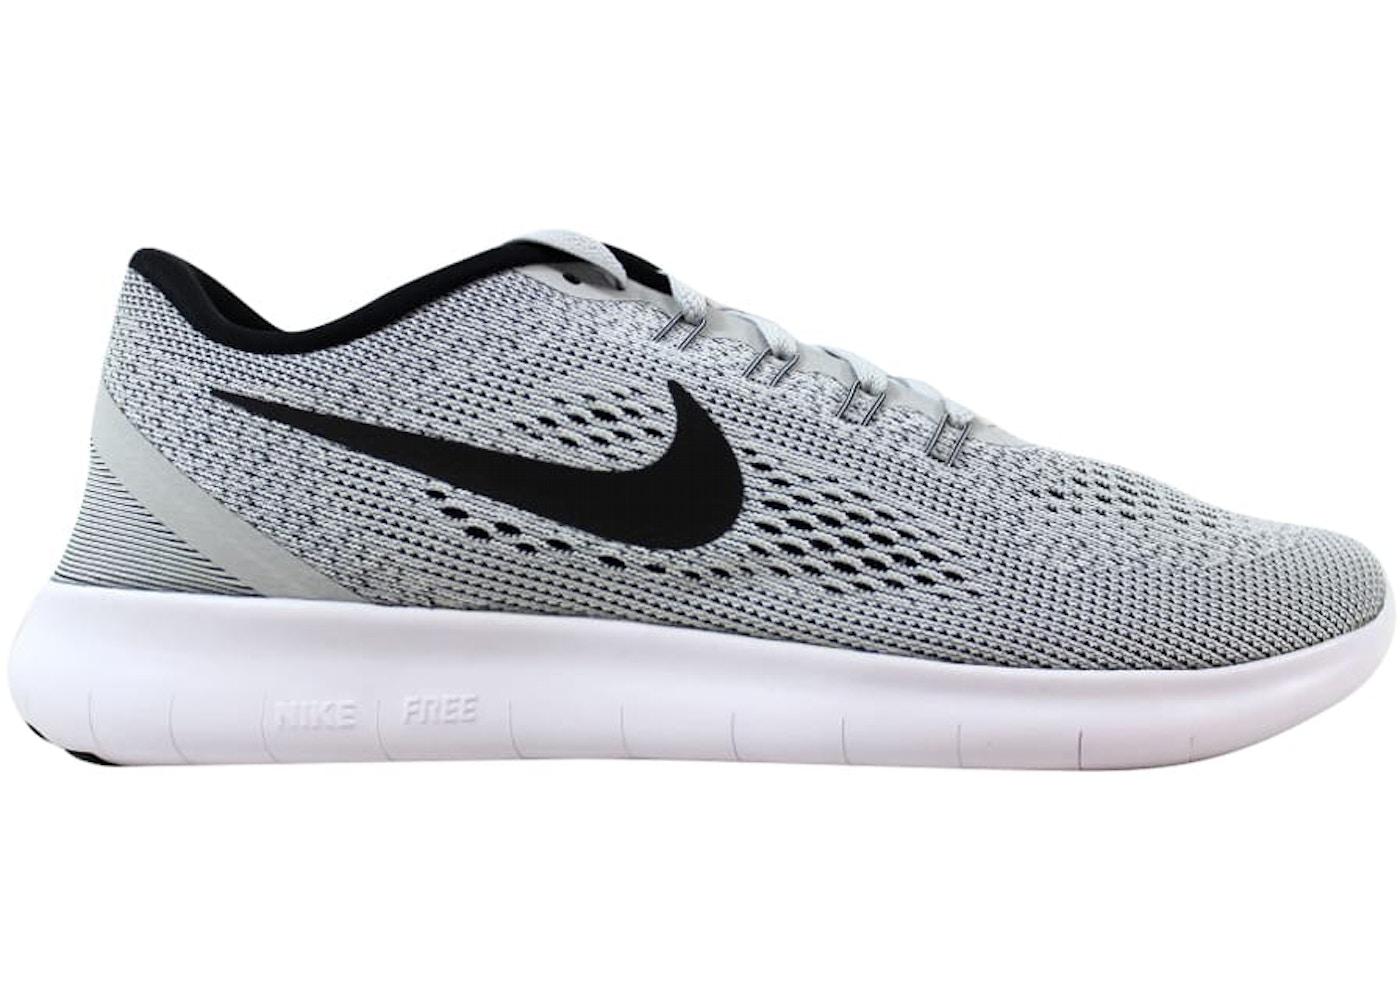 Nike Free RN White Black-Pure Platinum - 831508-101 297613ef6ff1